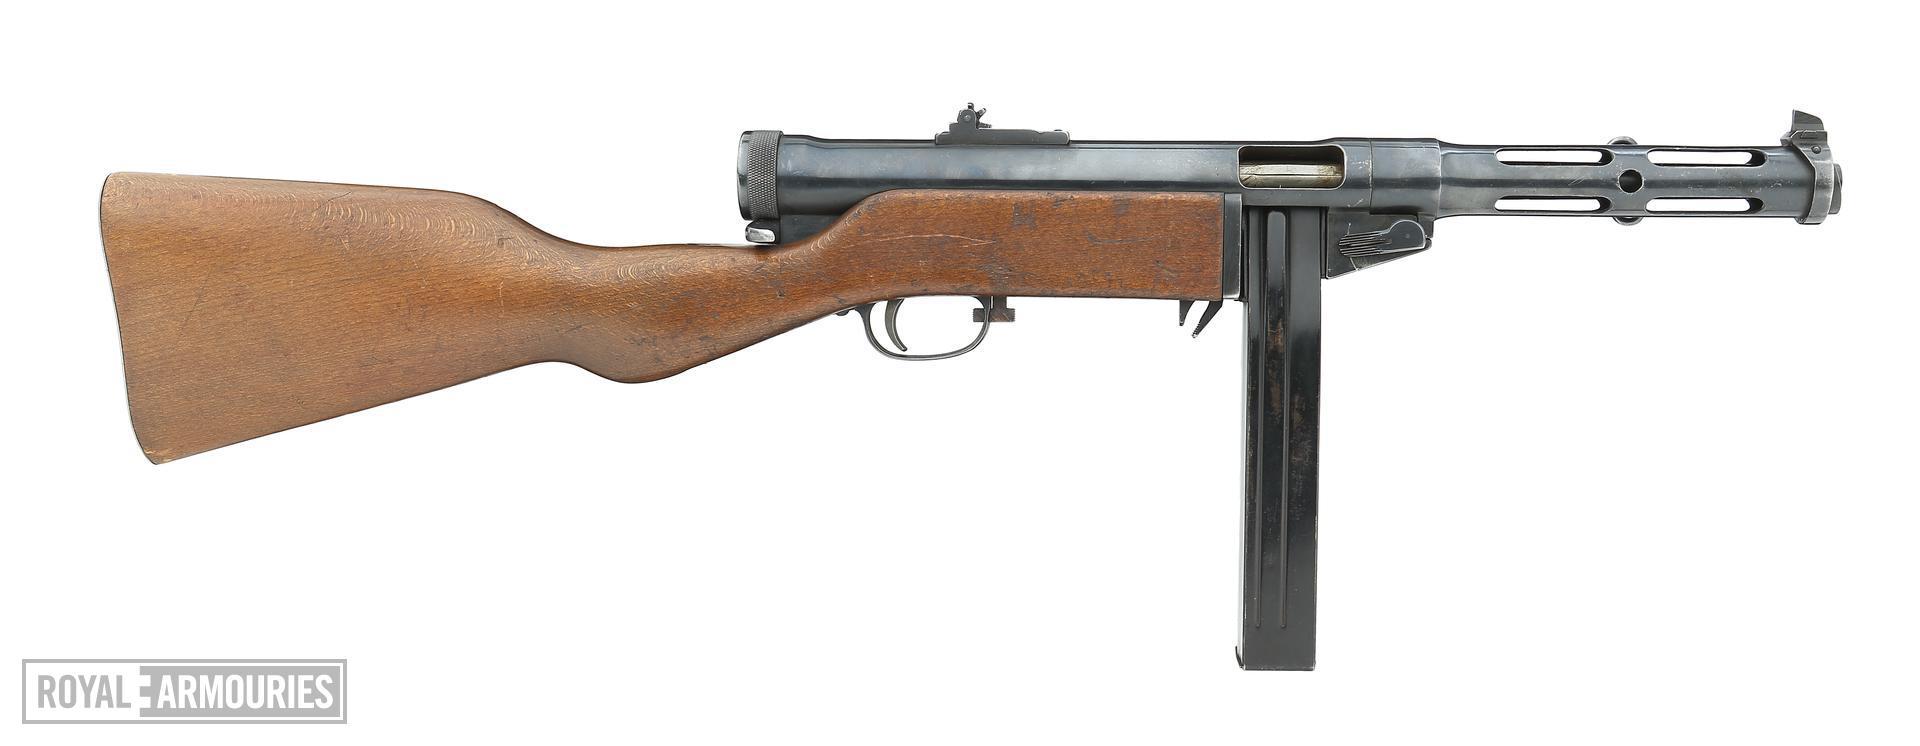 Centrefire automatic submachine gun - Suomi M/37-39